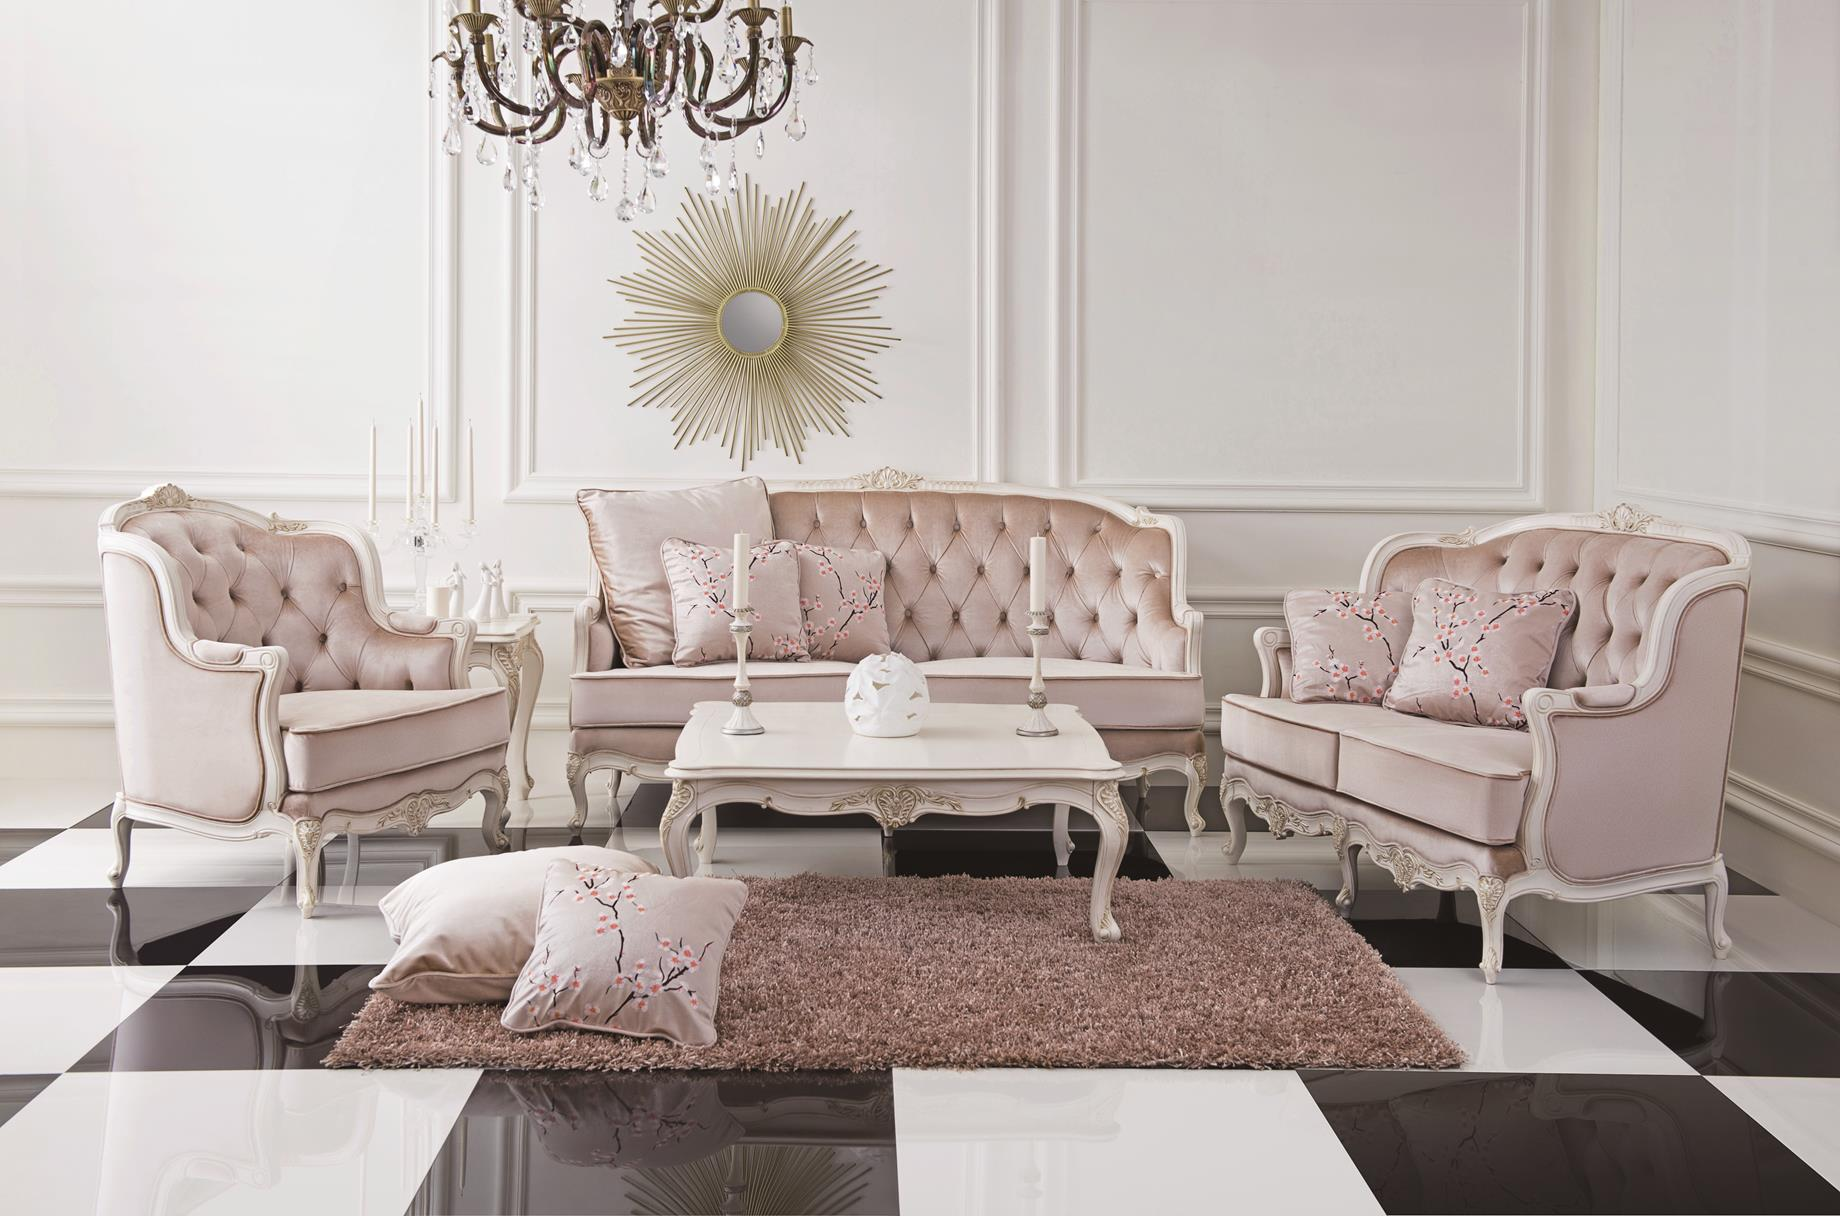 Сбор заказов. Элитная мебель доступной стоимости. Бесконечно уютная, роскошная и исключительно комфортная -10